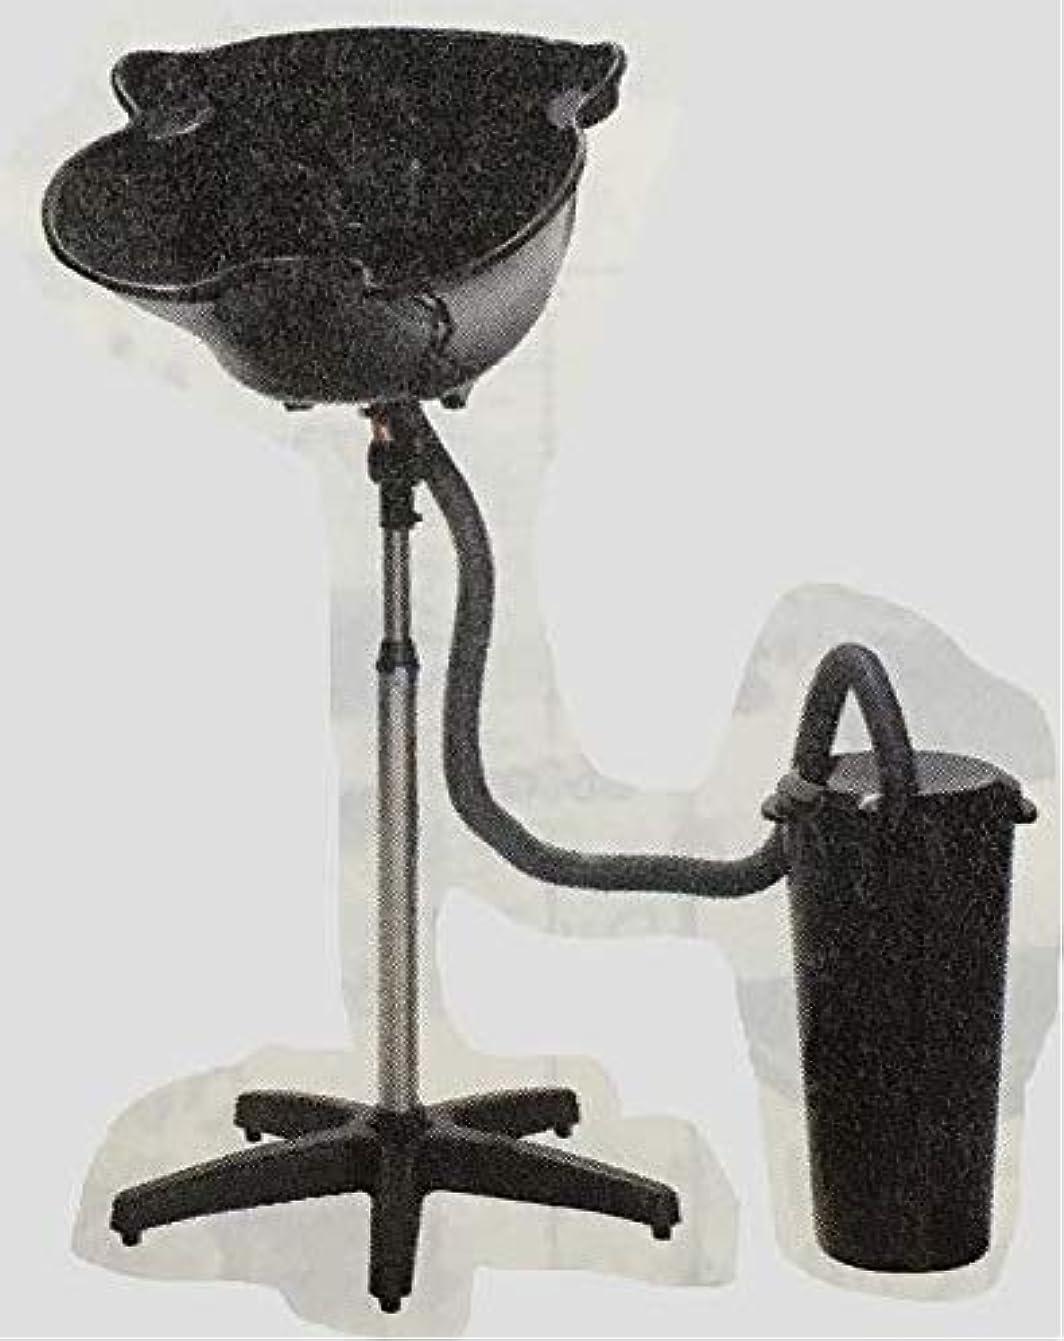 タンク胸液体簡易式シャンプー台 (排水バケツ付)